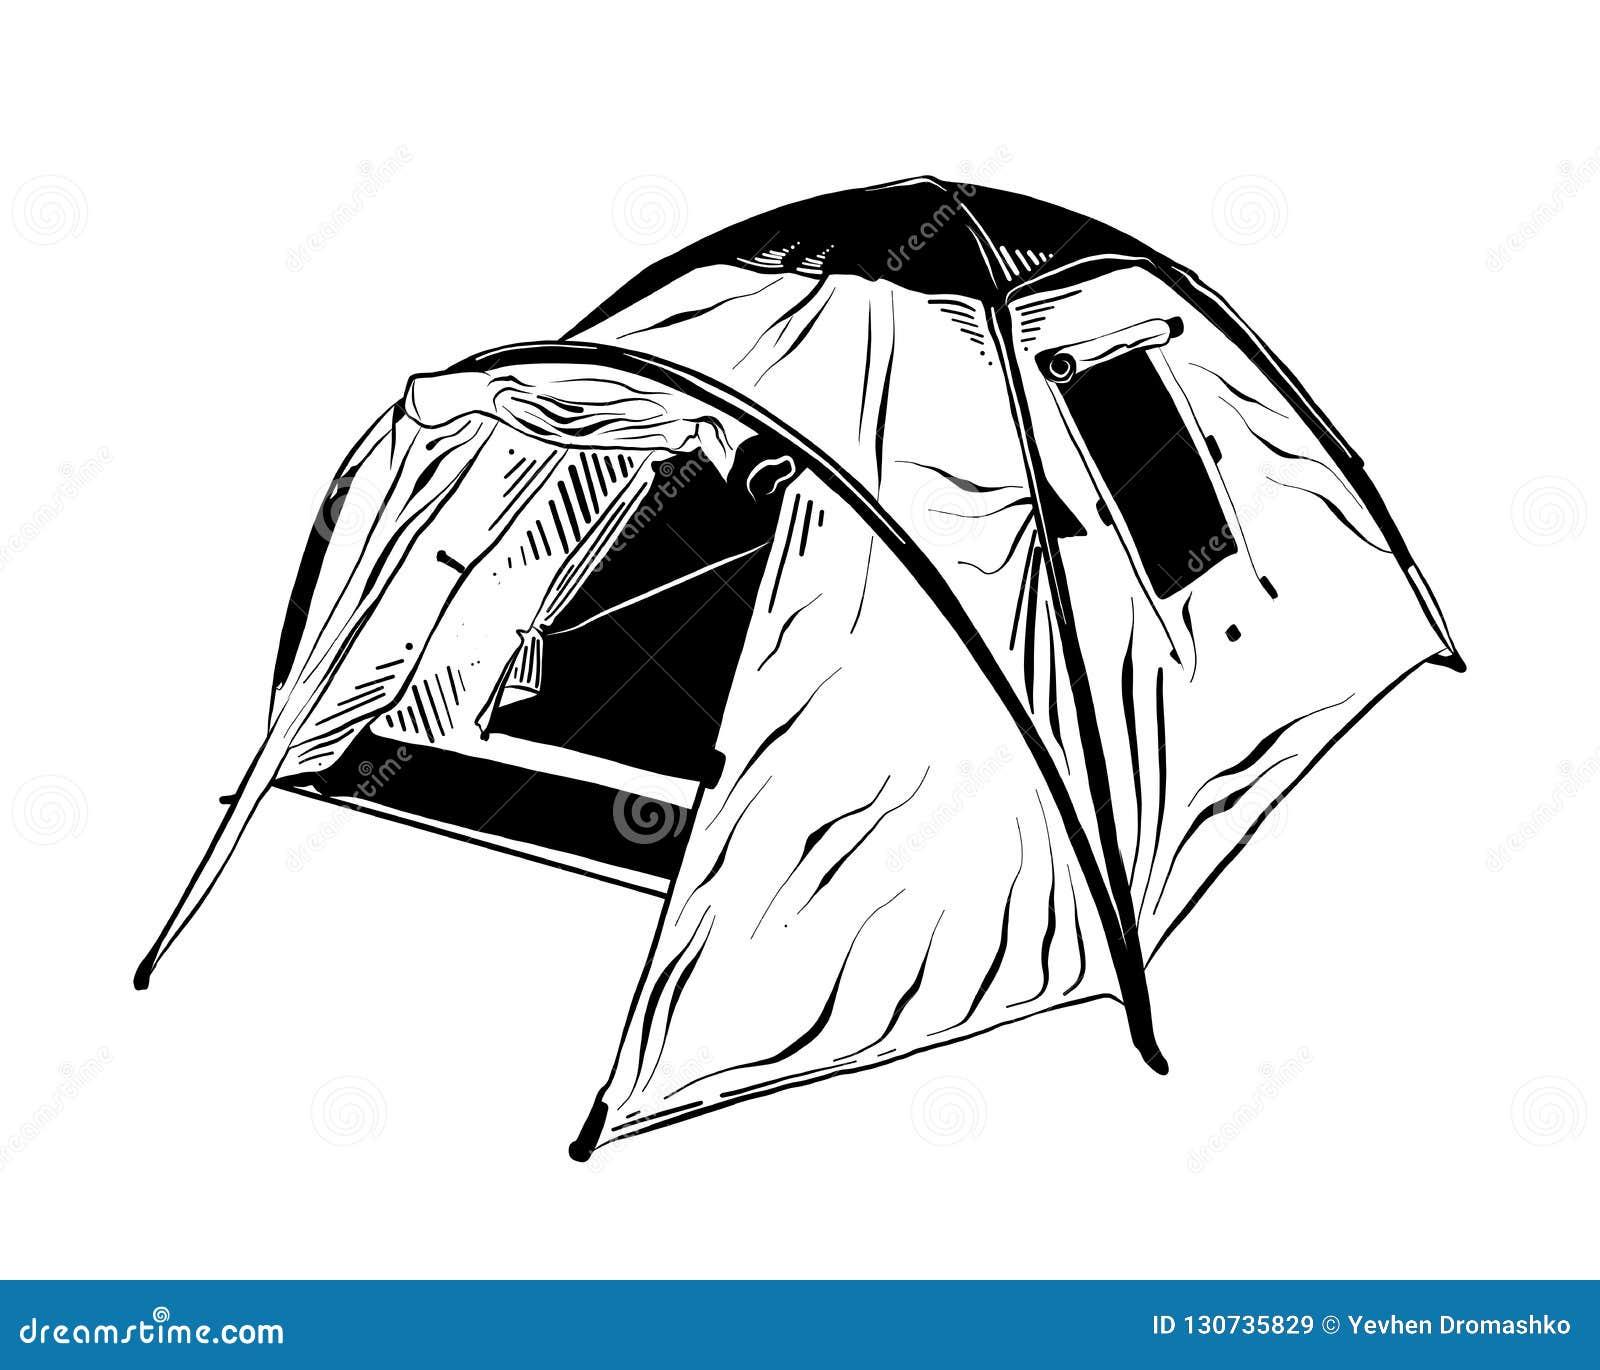 Esboço tirado mão da barraca de acampamento no preto isolada no fundo branco Desenho detalhado do estilo gravura a água-forte do